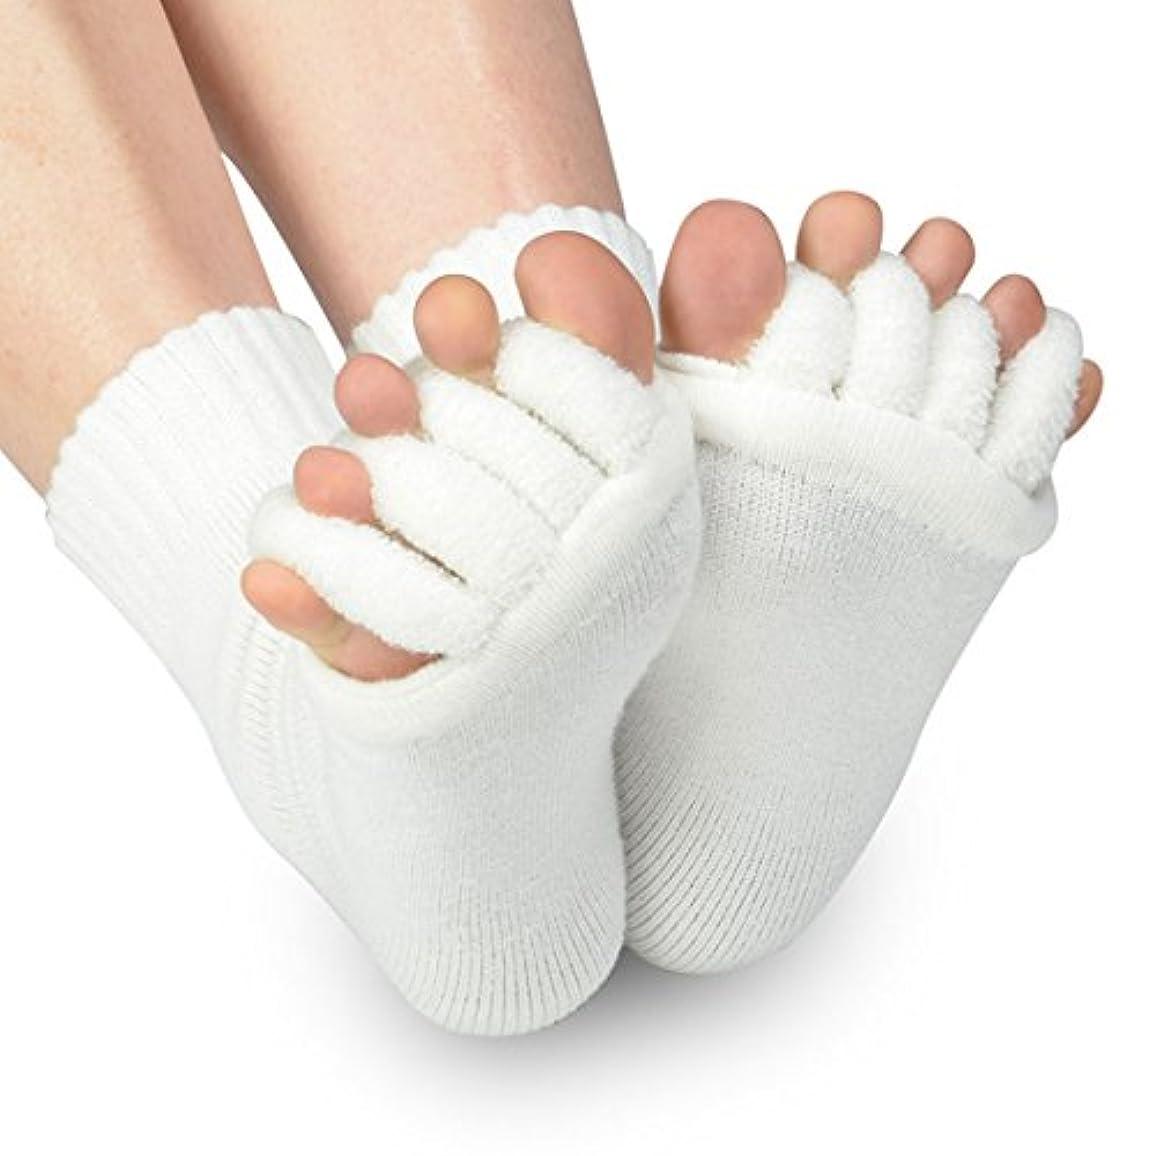 抑制する高くバブルB-PING 靴下 足指開き綿混5本指ハーフソックス 血行不良からくる足のむくみを即解消 足指開き 足指全開 男女兼用 履くだけで癒される 偏平足 対策 むくみ解消